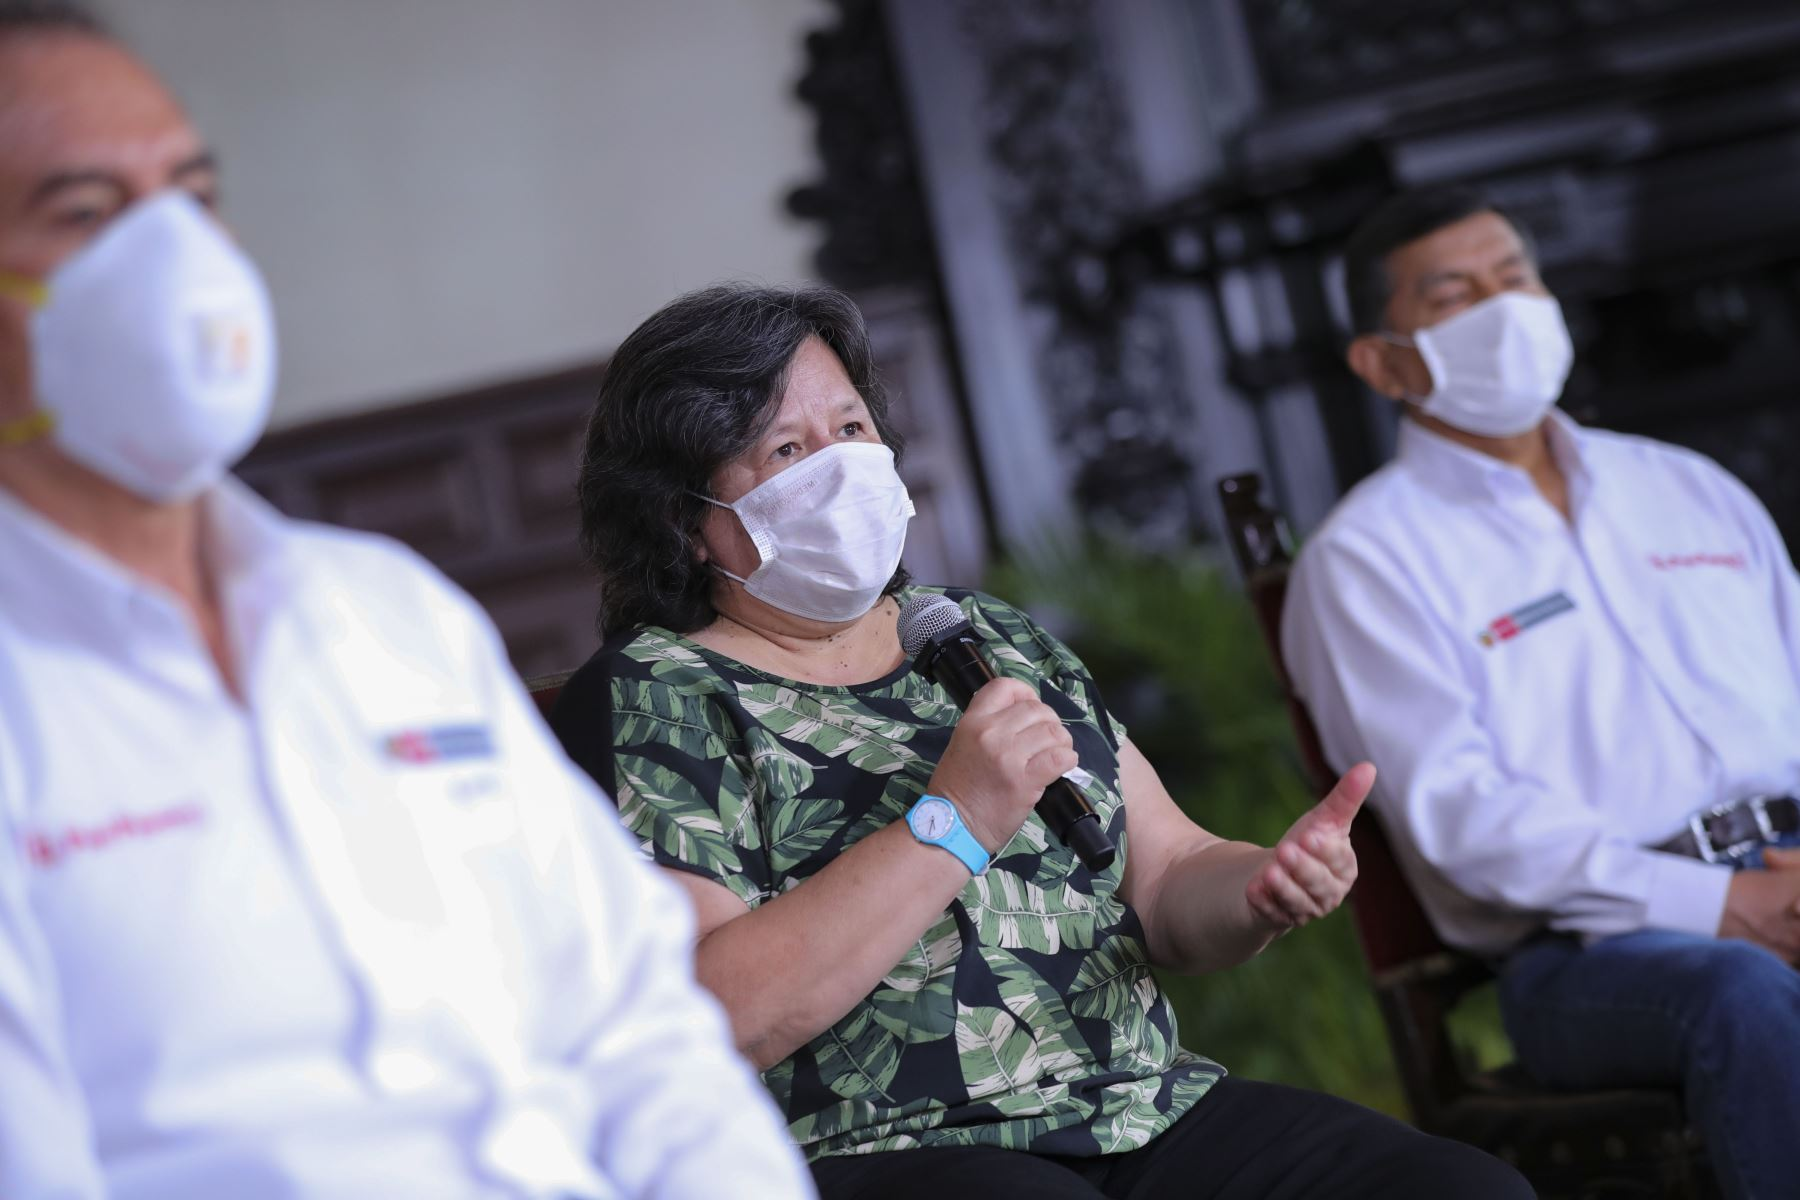 La ministra de Desarrollo e Inclusión Social, Ariela Luna,informa junto a Ministros de Estado  sobre la situación del Estado de Emergencia en el día 16 y las acciones que realiza el Gobierno para contener la propagación del covid-19. Foto: ANDINA/Prensa Presidencia